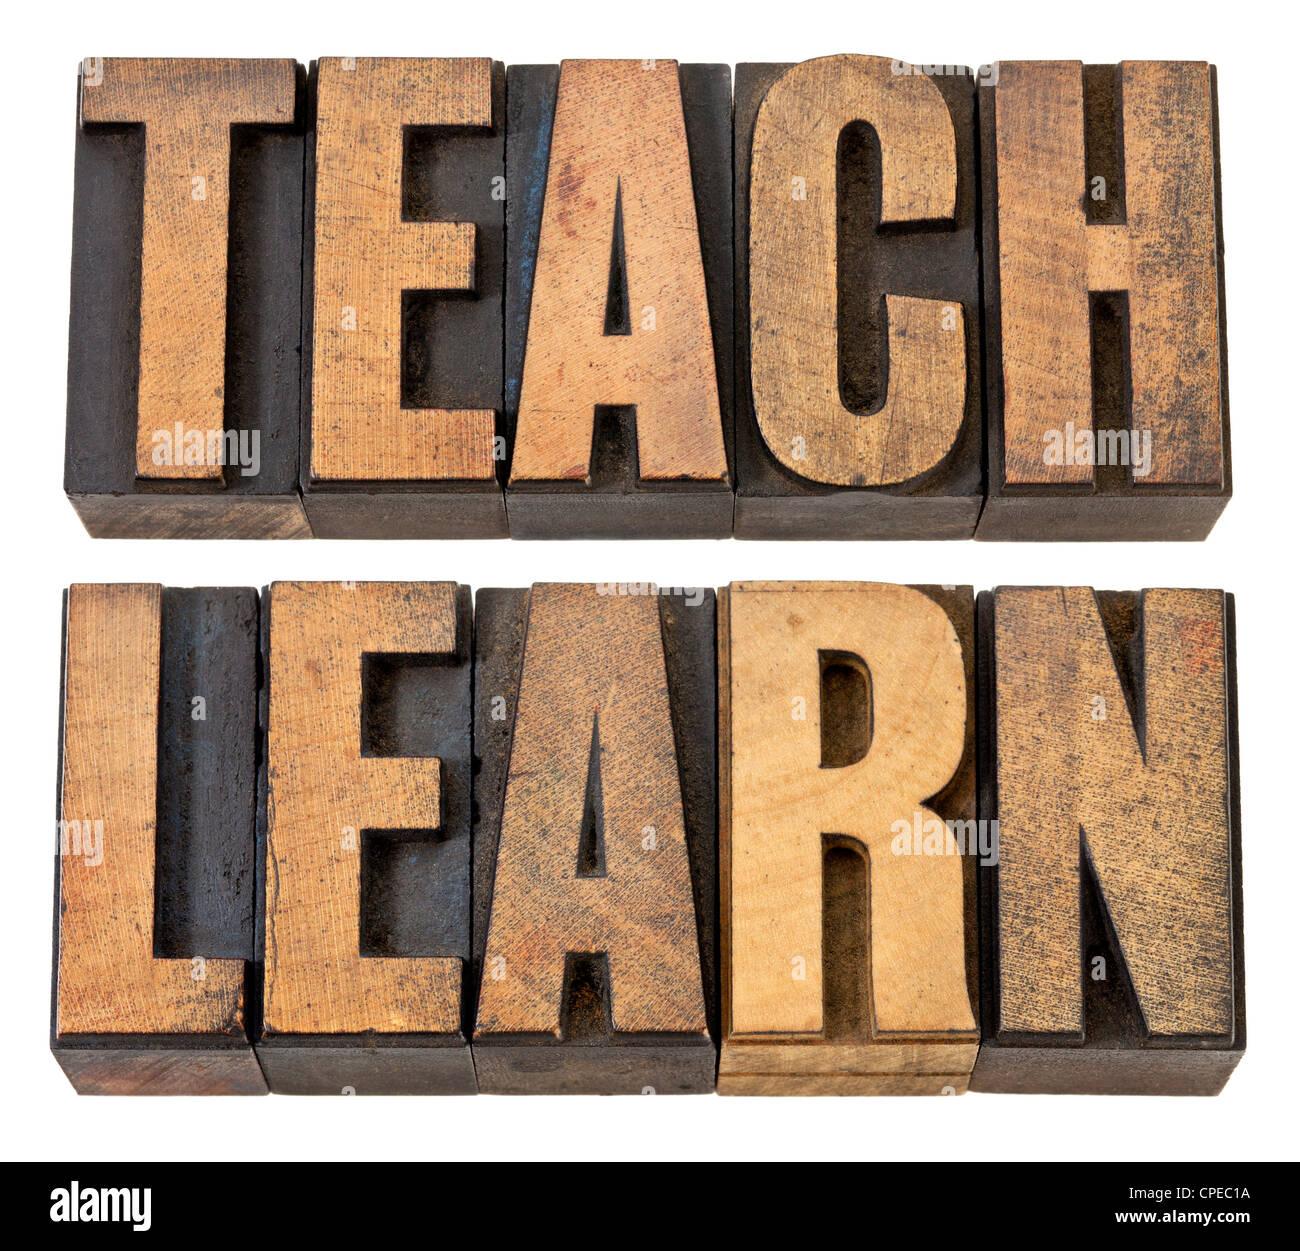 Insegnare e imparare - concetto di istruzione - parole isolate in rilievografia vintage tipo legno Foto Stock